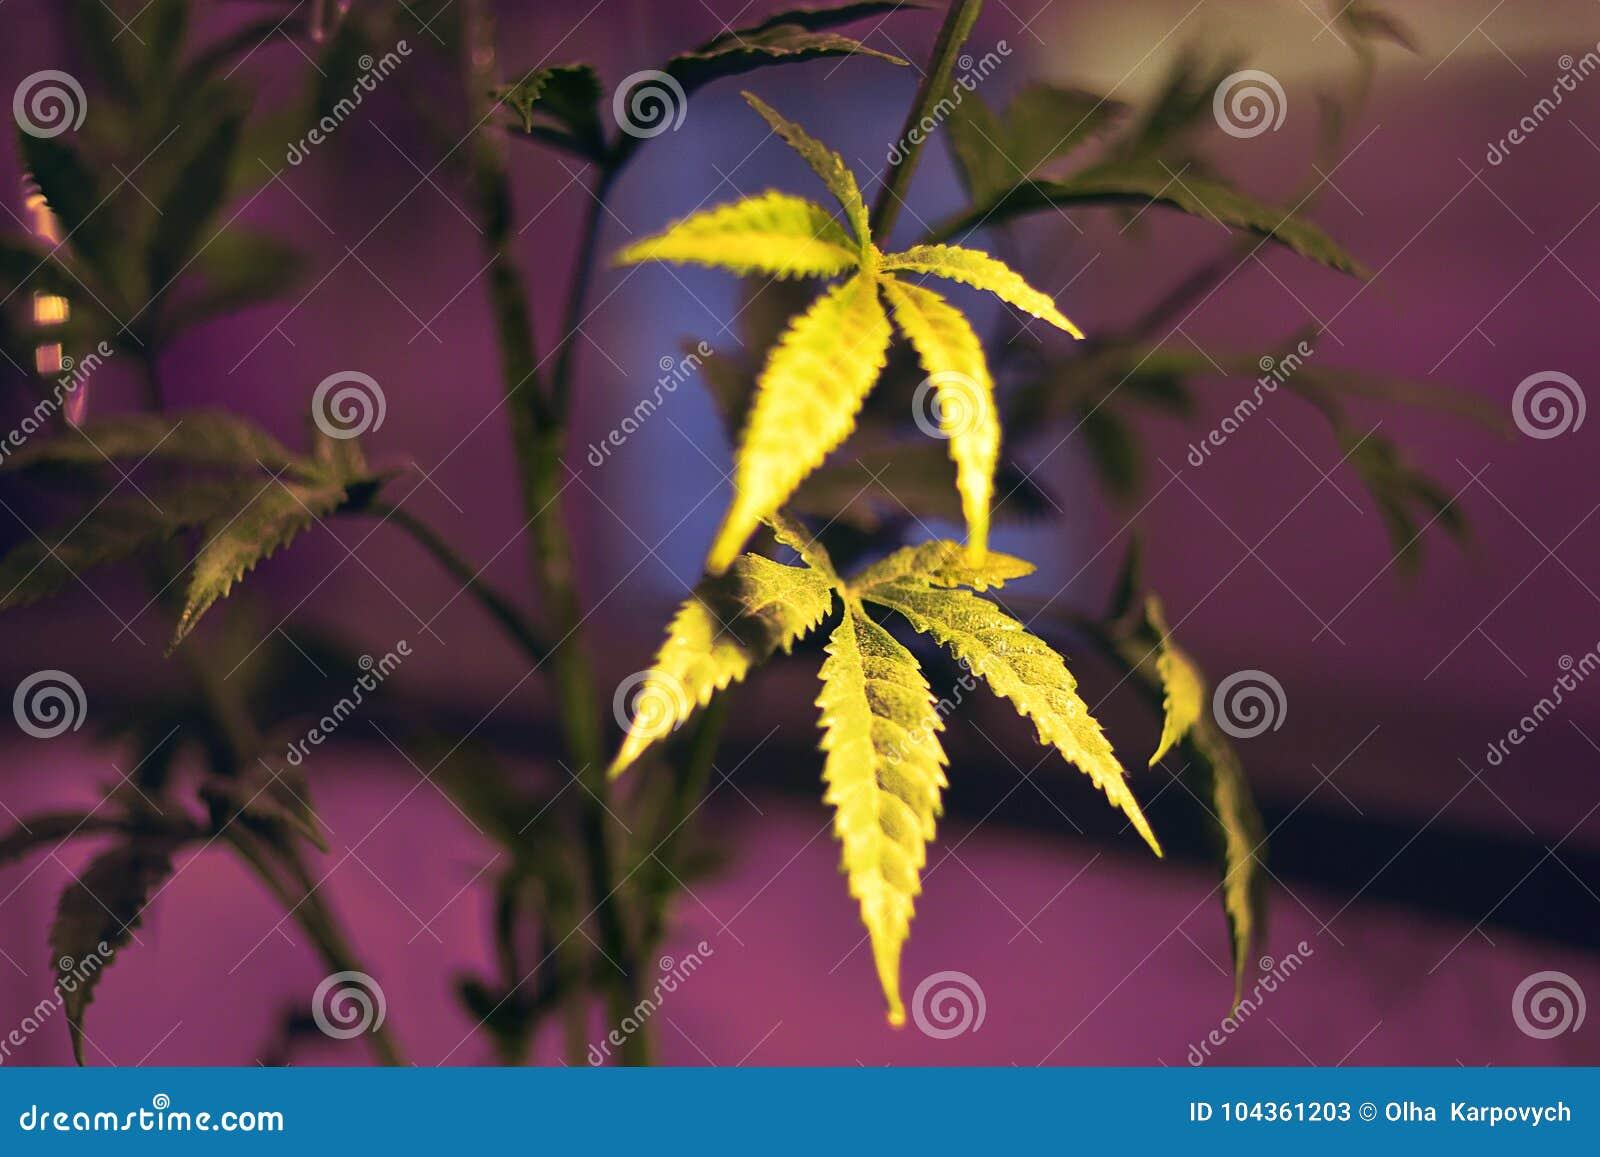 绿色新鲜的大麻叶子 大麻大麻叶子背景墙纸,大麻大麻植物de大麻年轻人年轻叶子